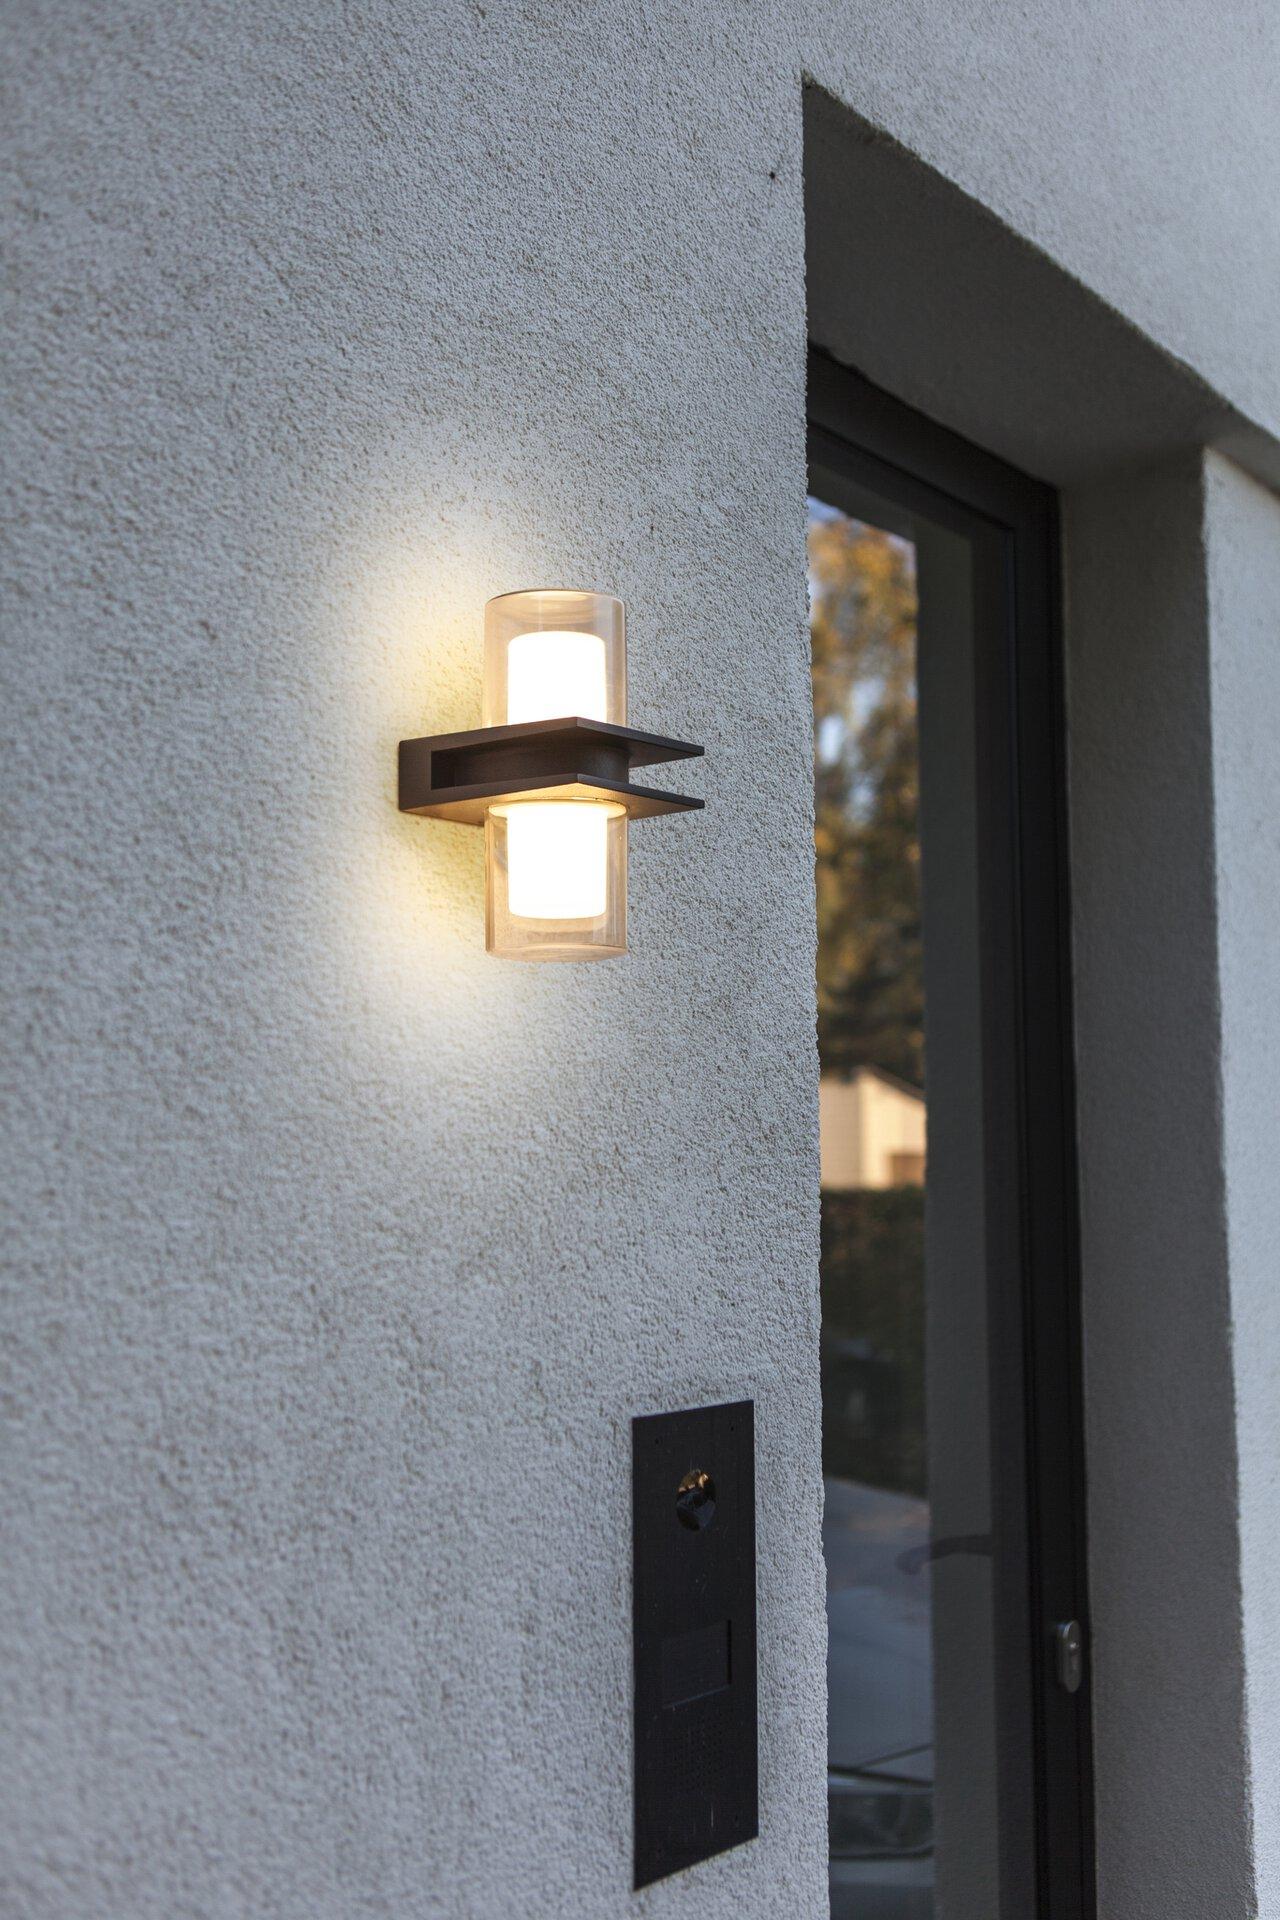 Wand-Aussenleuchte Tango Eco-Light Metall grau 12 x 20 x 12 cm